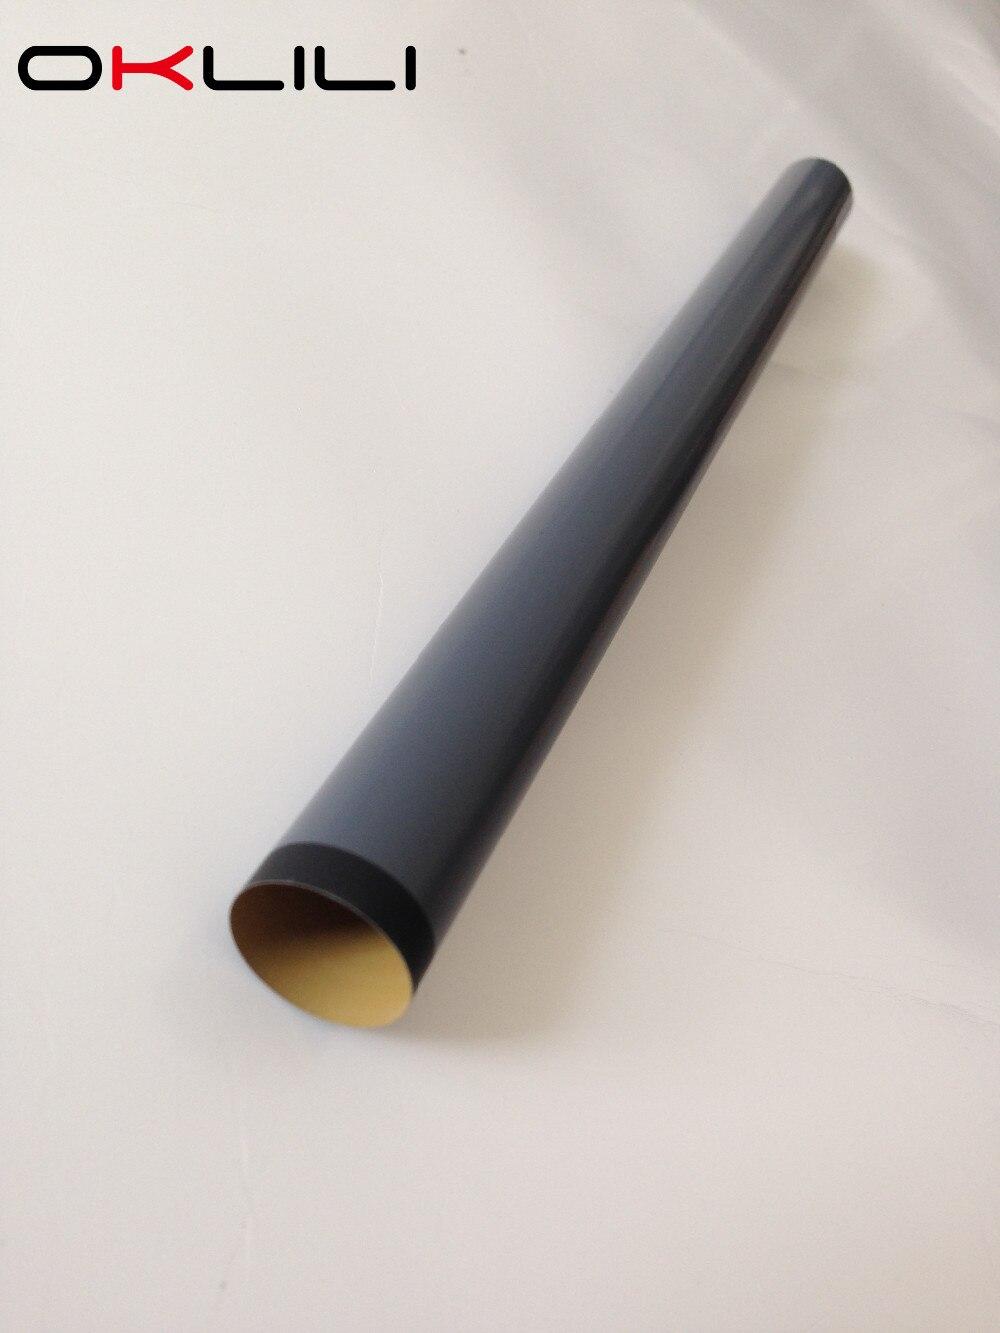 10 шт. RG9-1493-Film фьюзерная пленка с длинными и короткими рукавами и смазка для hp 1000 1150 1160 1200 1220 1300 1320 1010 1022 3050 1102 3300